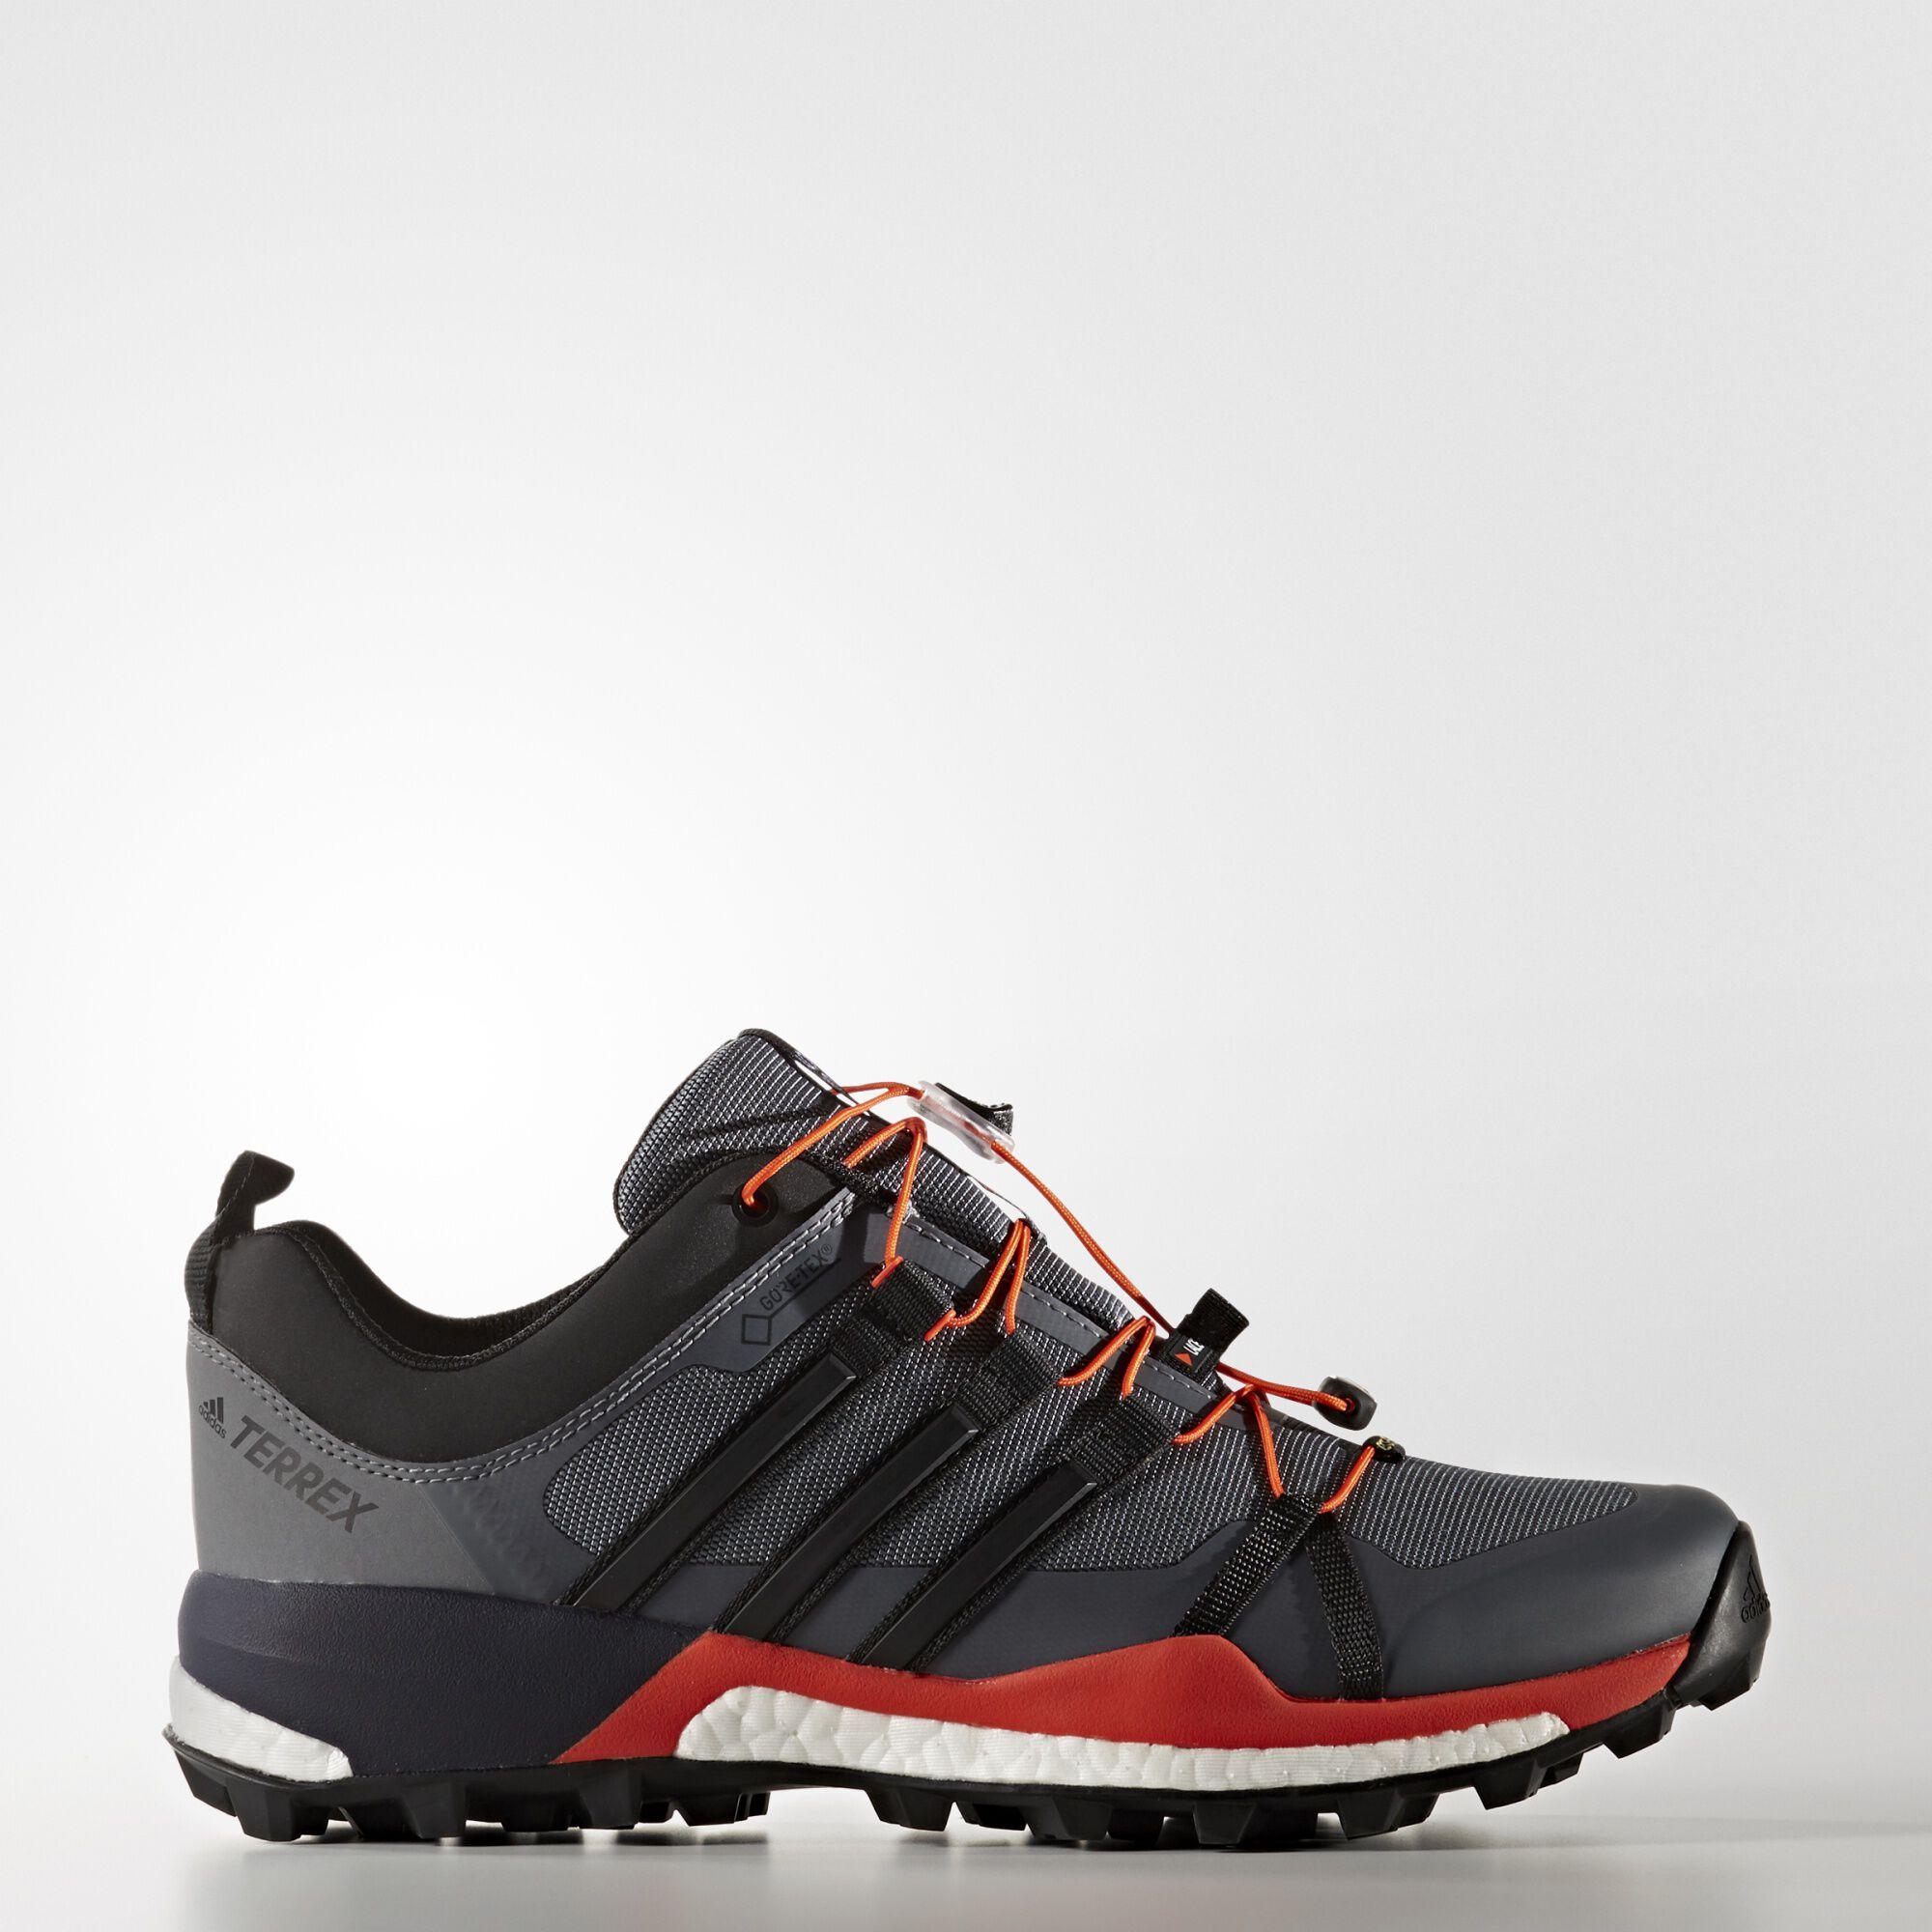 Adidas Boots Women